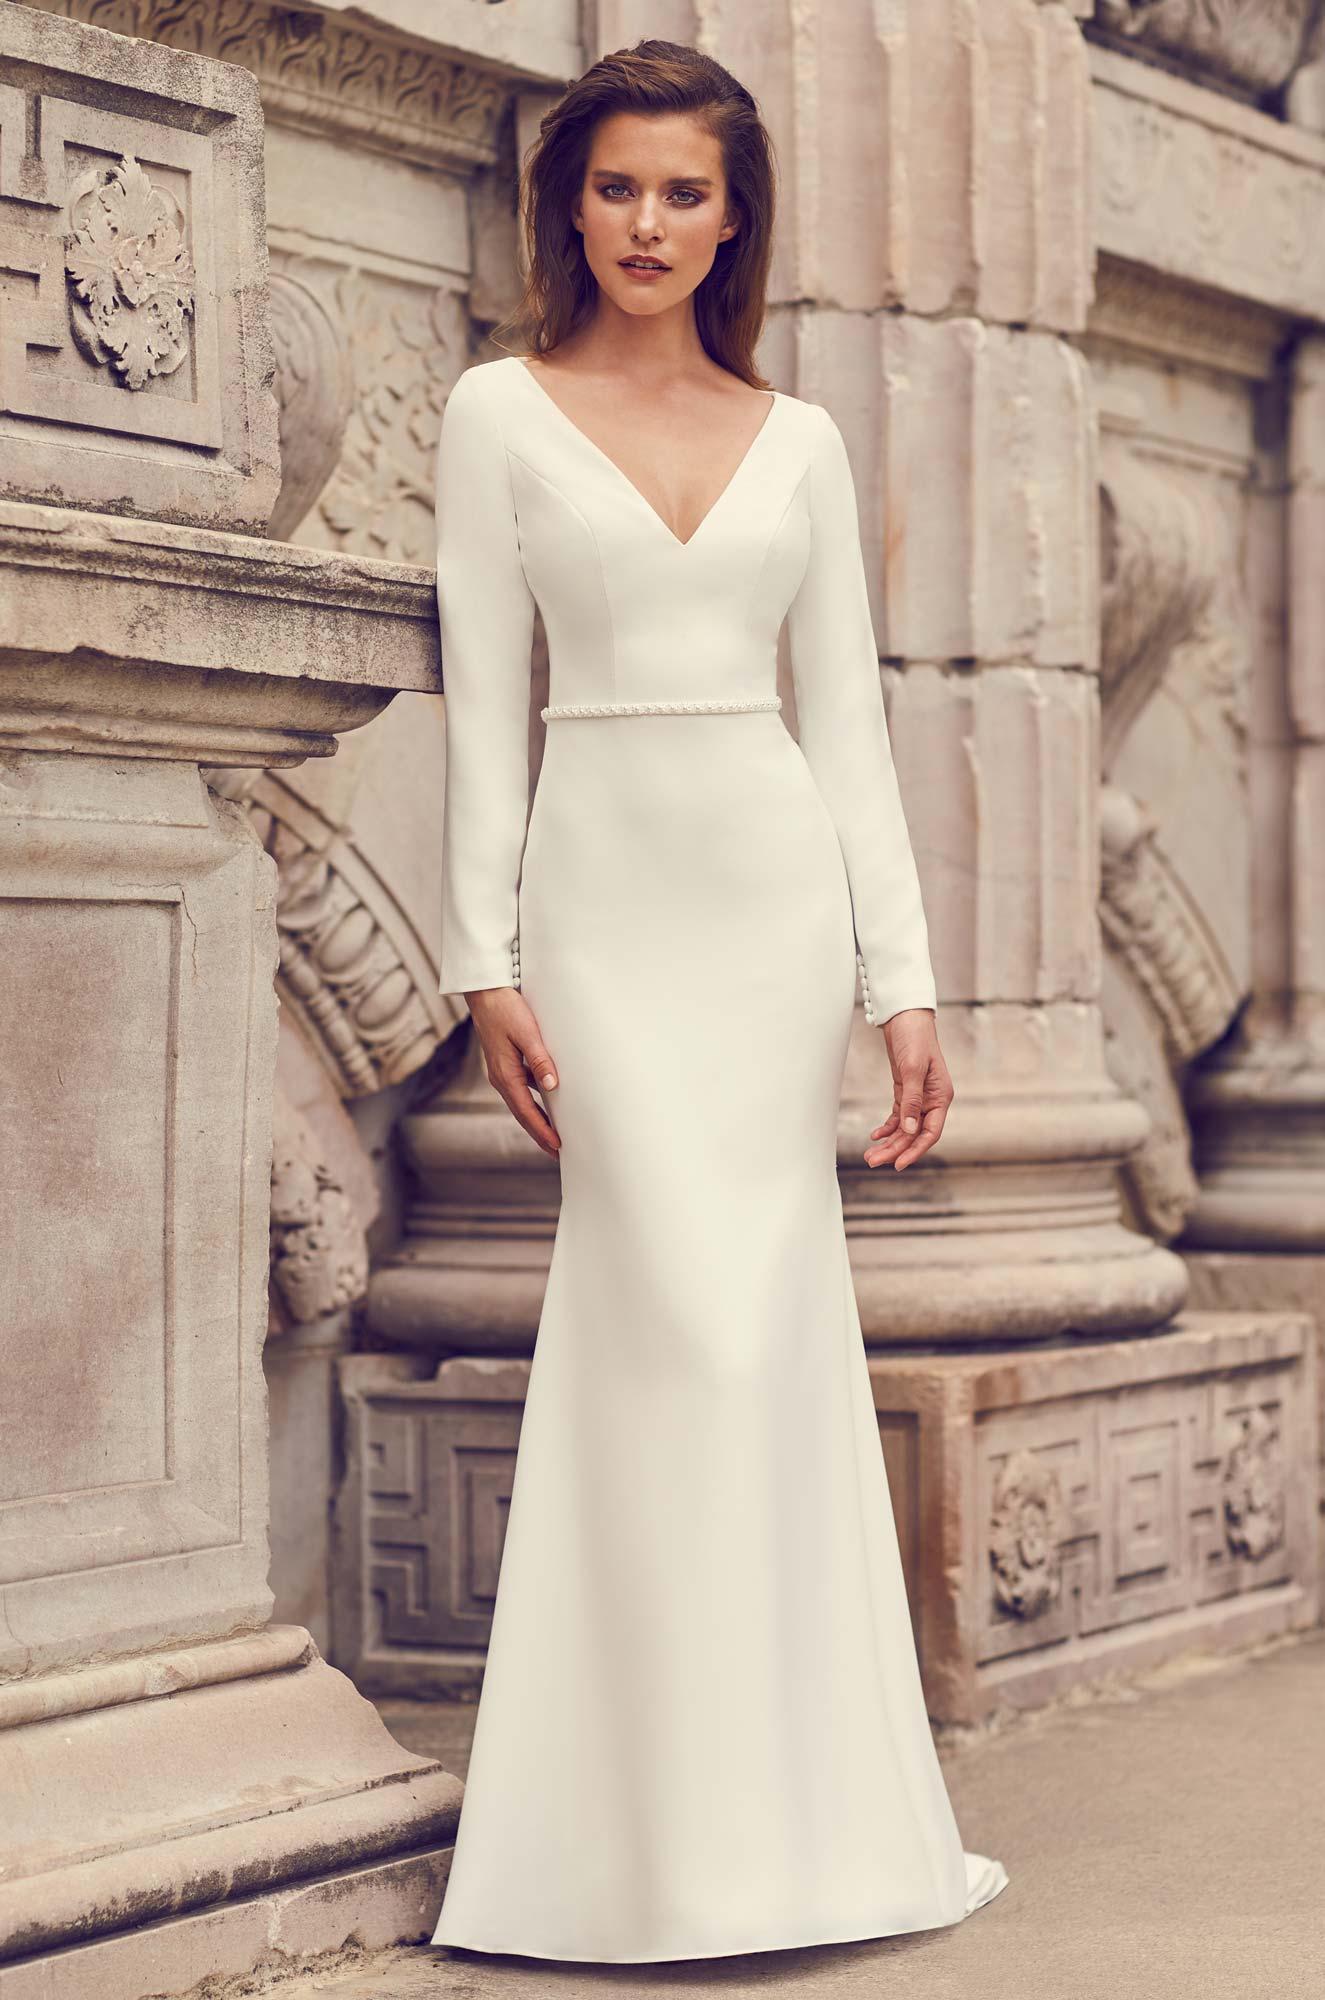 Glamorous Long Sleeve Wedding Dress Style 2235 Mikaella Bridal